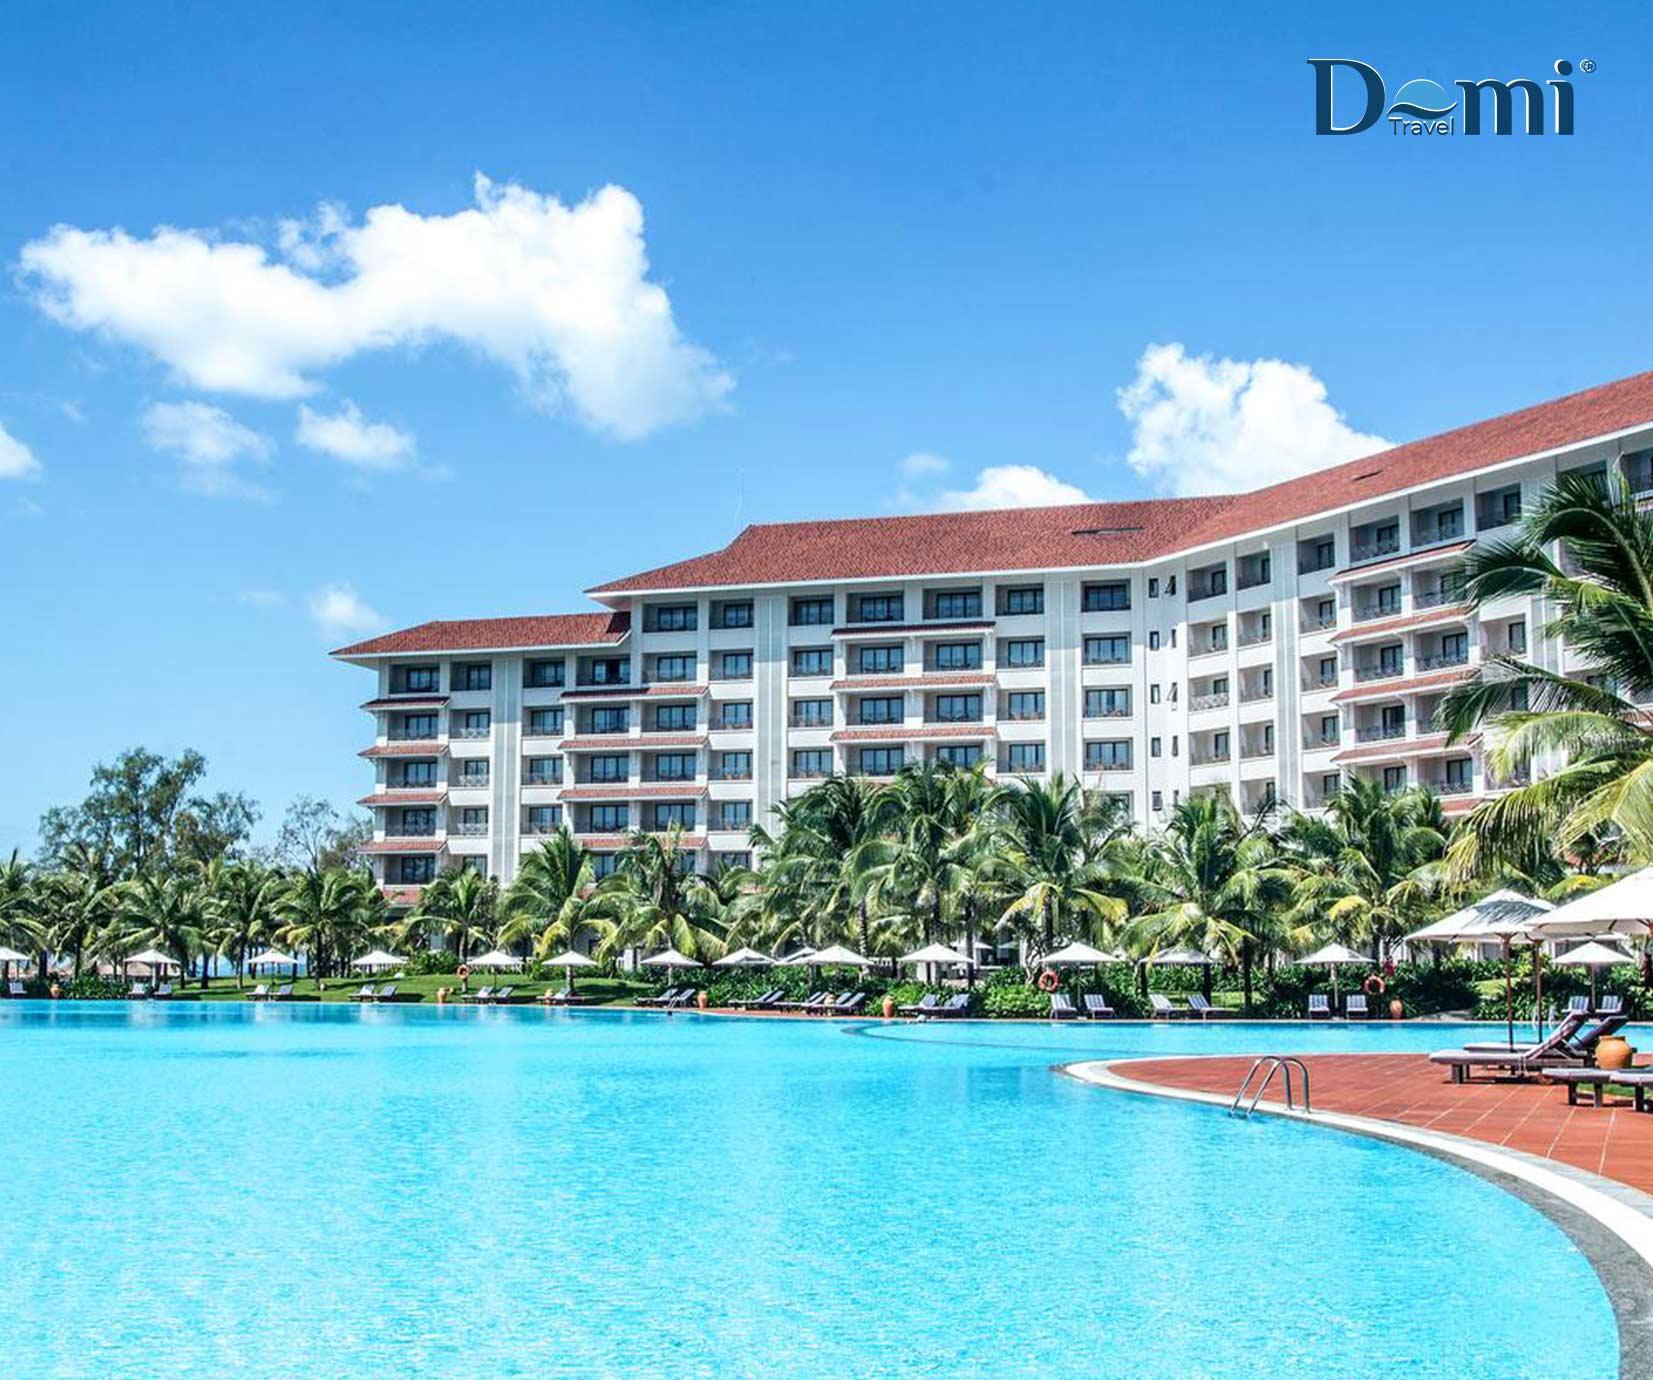 Booking khách sạn nghỉ dưỡng đẳng cấp 5 sao tại Vinpearl Resort & Spa Phú Quốc + Xe đón tiễn tại Sân Bay + Safari không giới hạn